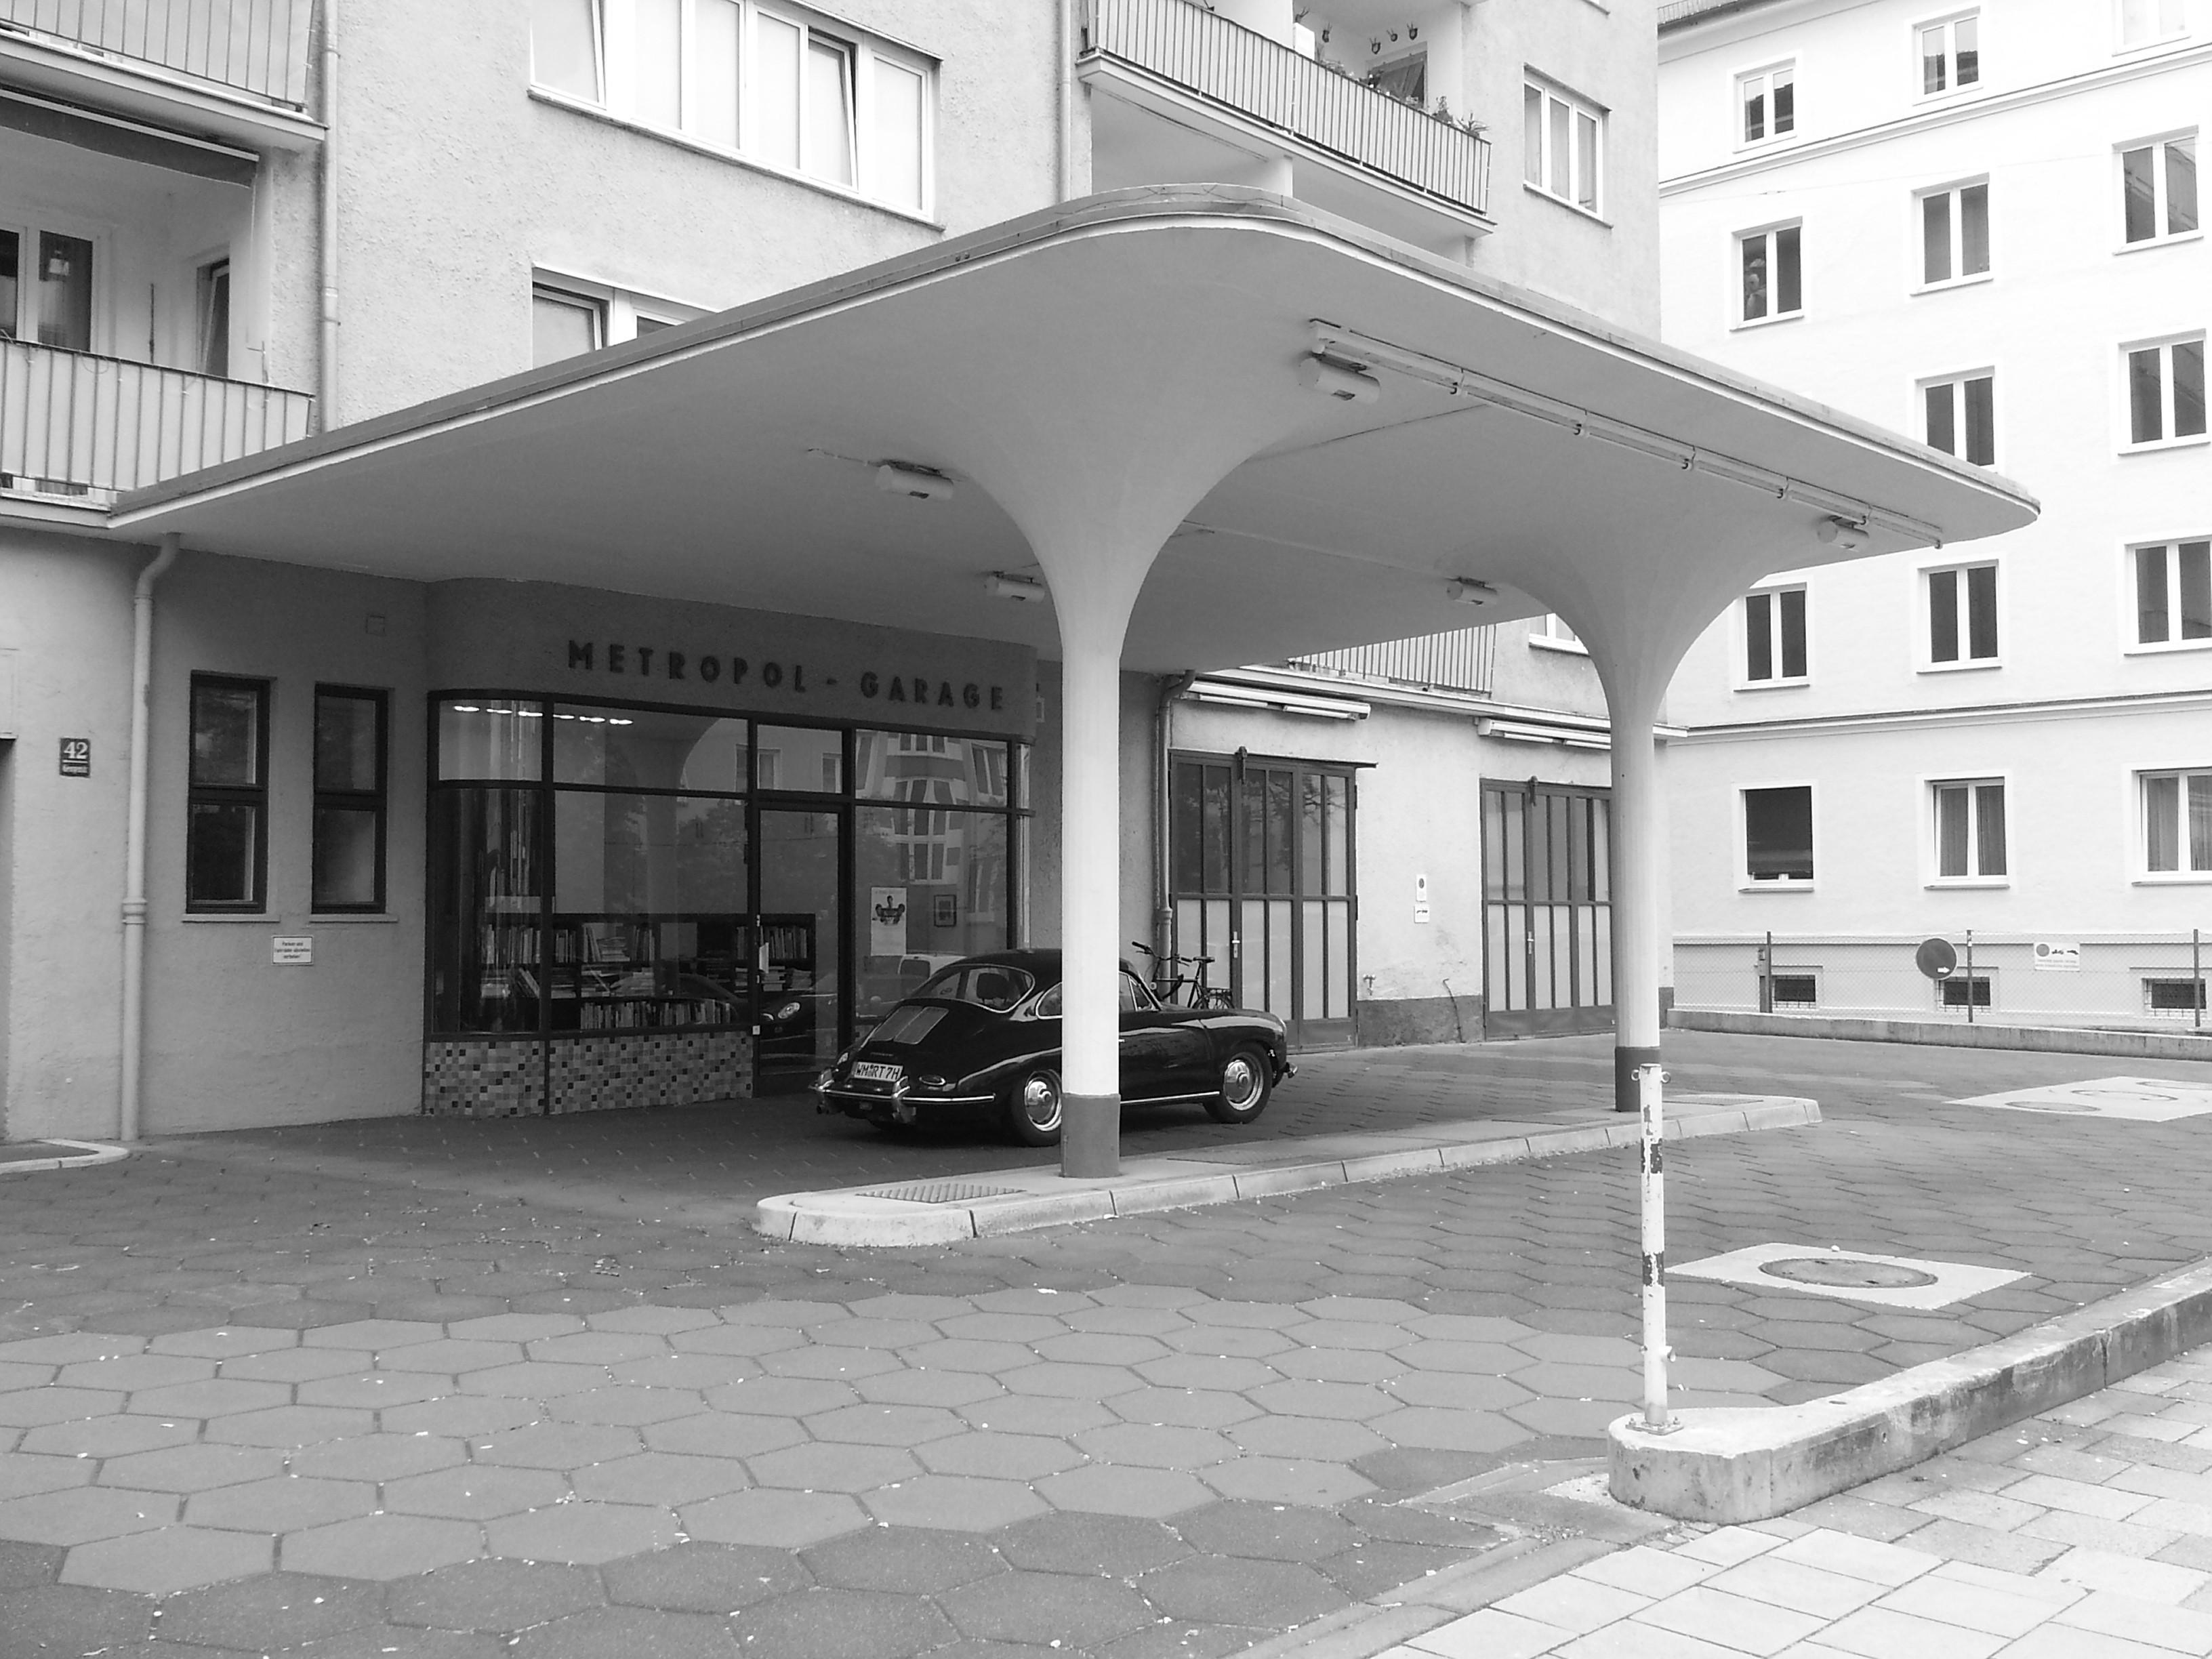 デスクトップ壁紙 建築 建物 ポルシェ 古い車 アーケード プラザ ファサード 黒と白 モノクロ写真 住宅街 3264x2448 Francazo デスクトップ壁紙 Wallhere